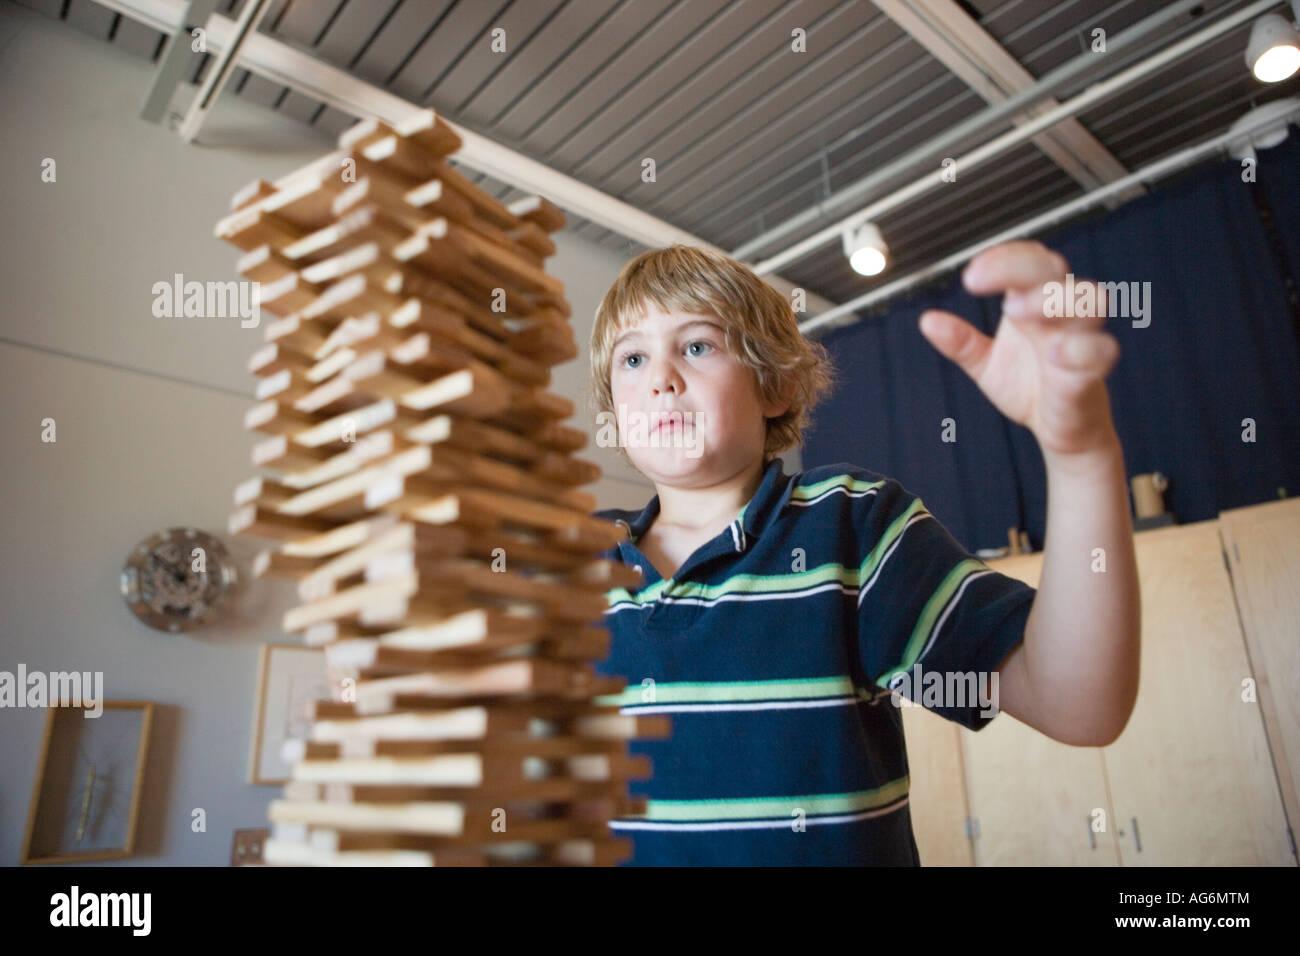 Los ocho años de edad apilar bloques de madera tan alto como se puede ver, para asegurarse de que no se vuelque Imagen De Stock